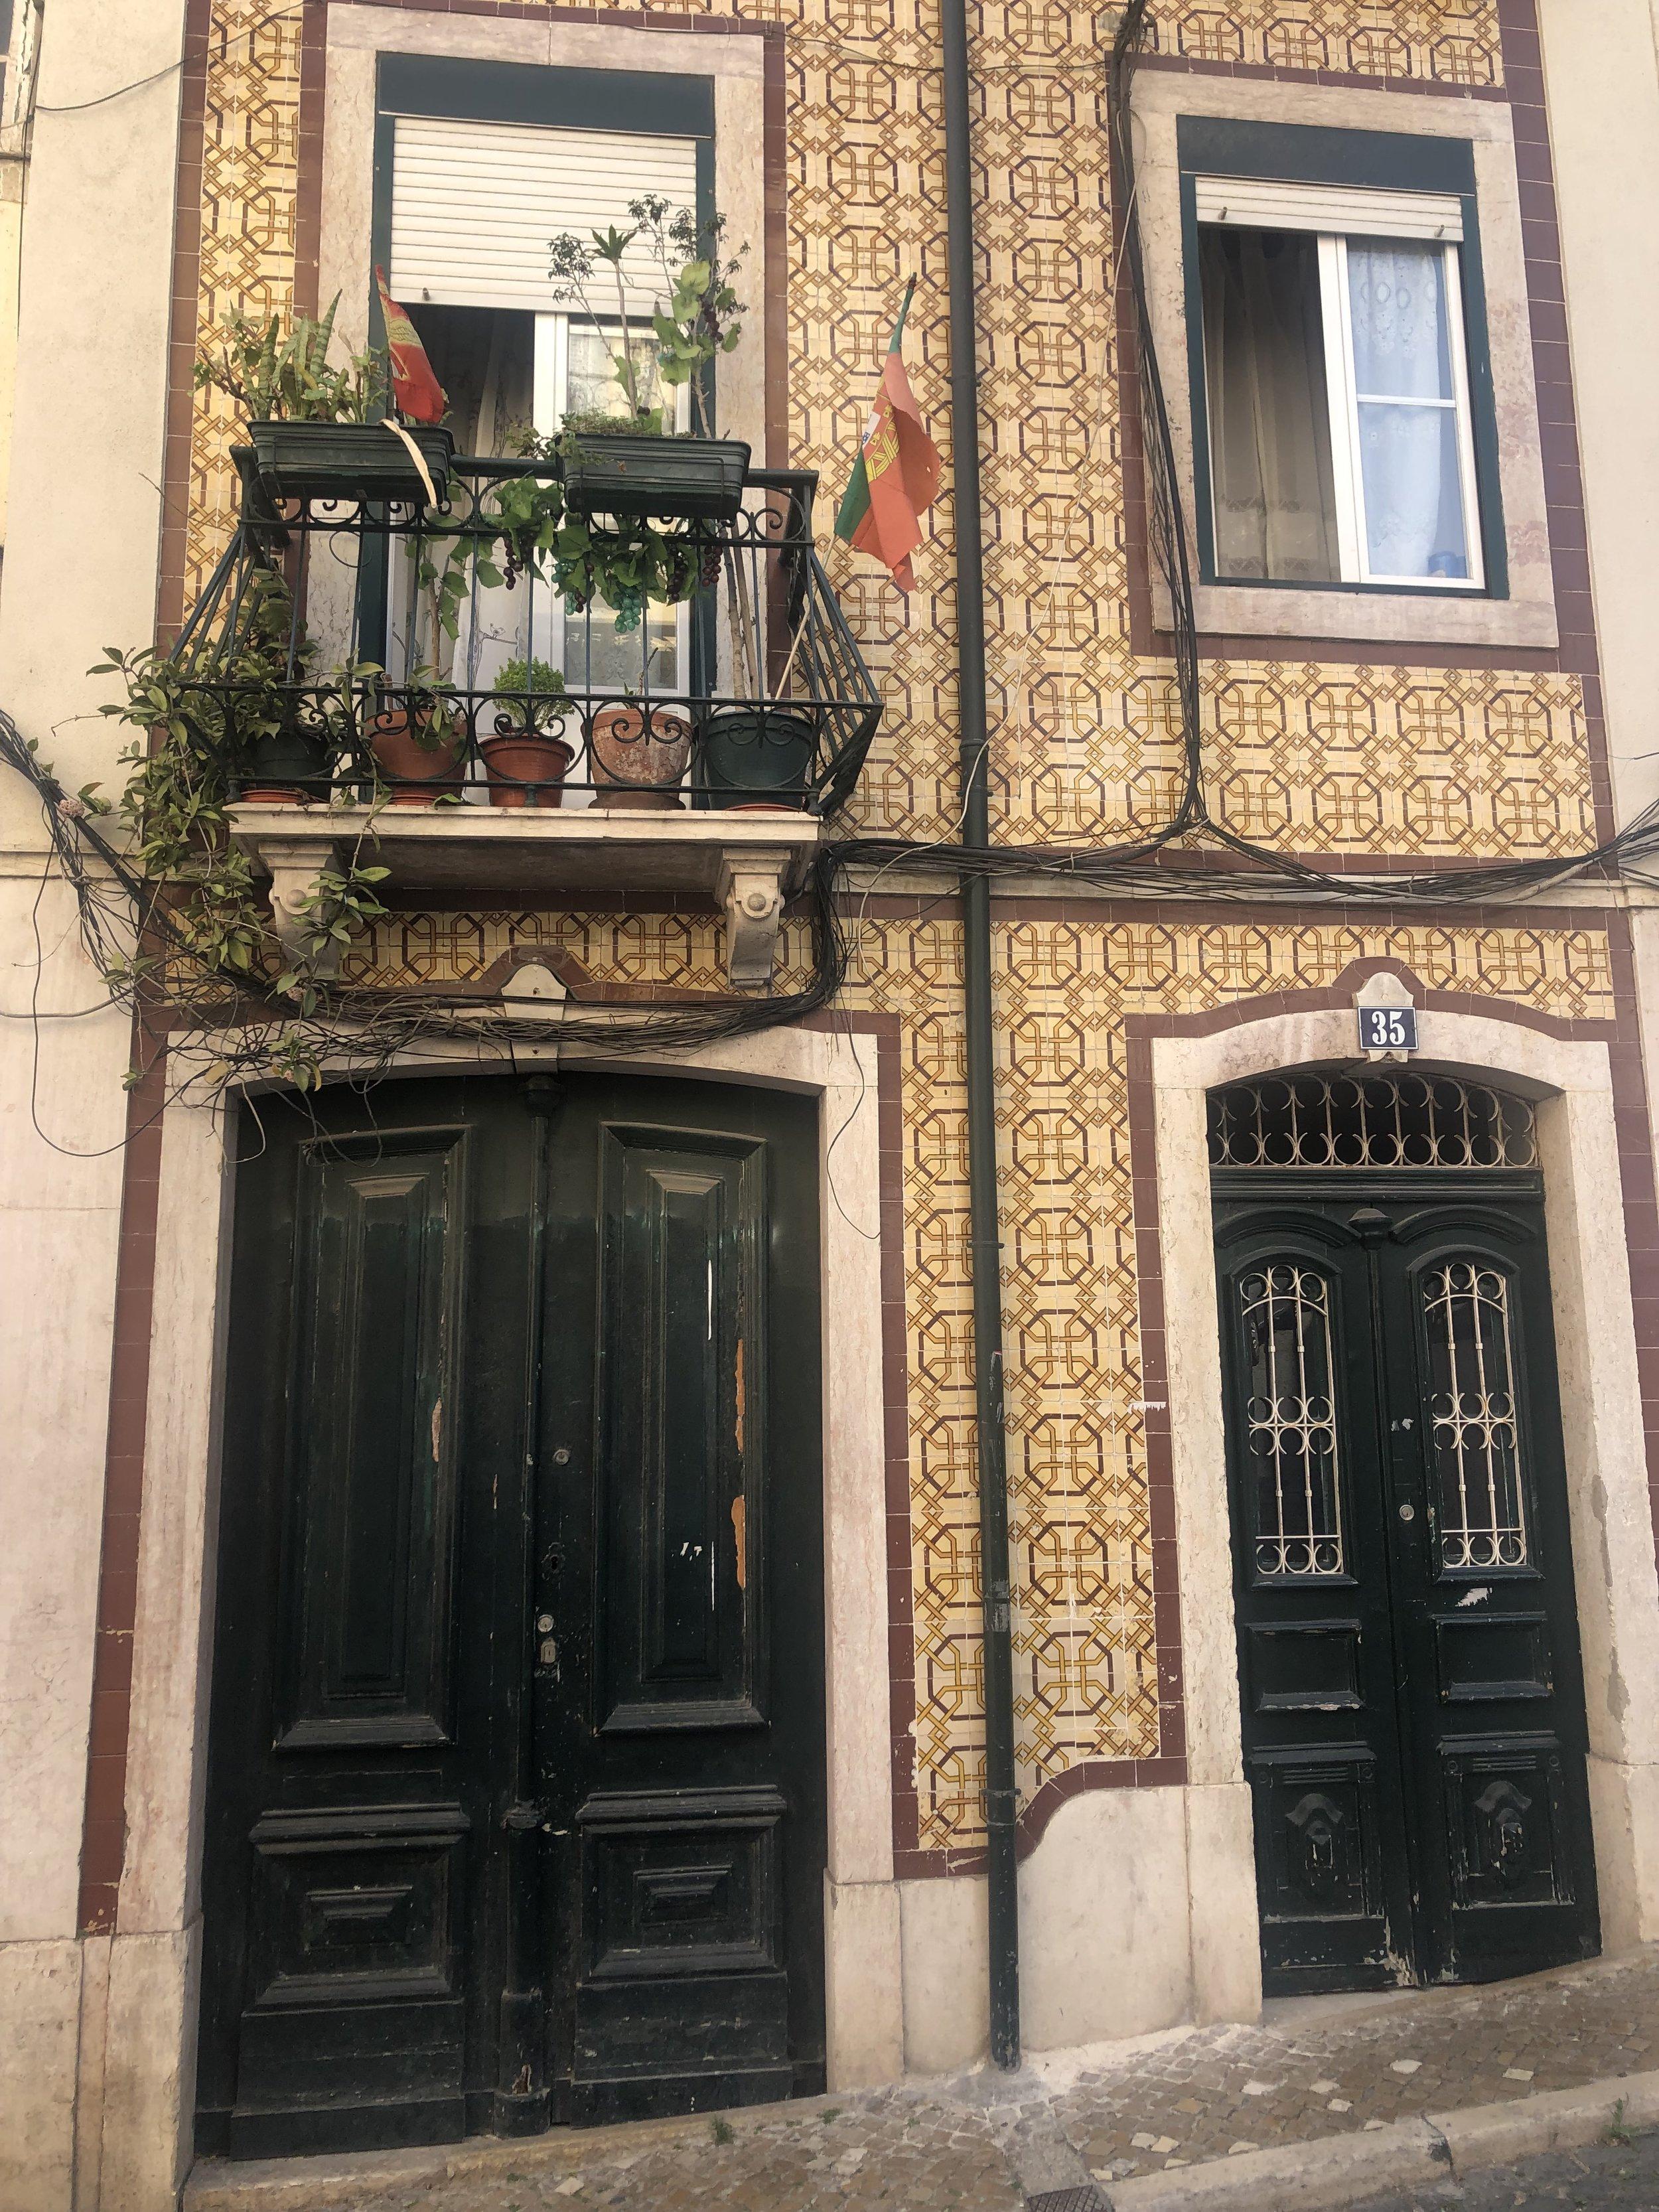 tiled building.jpg